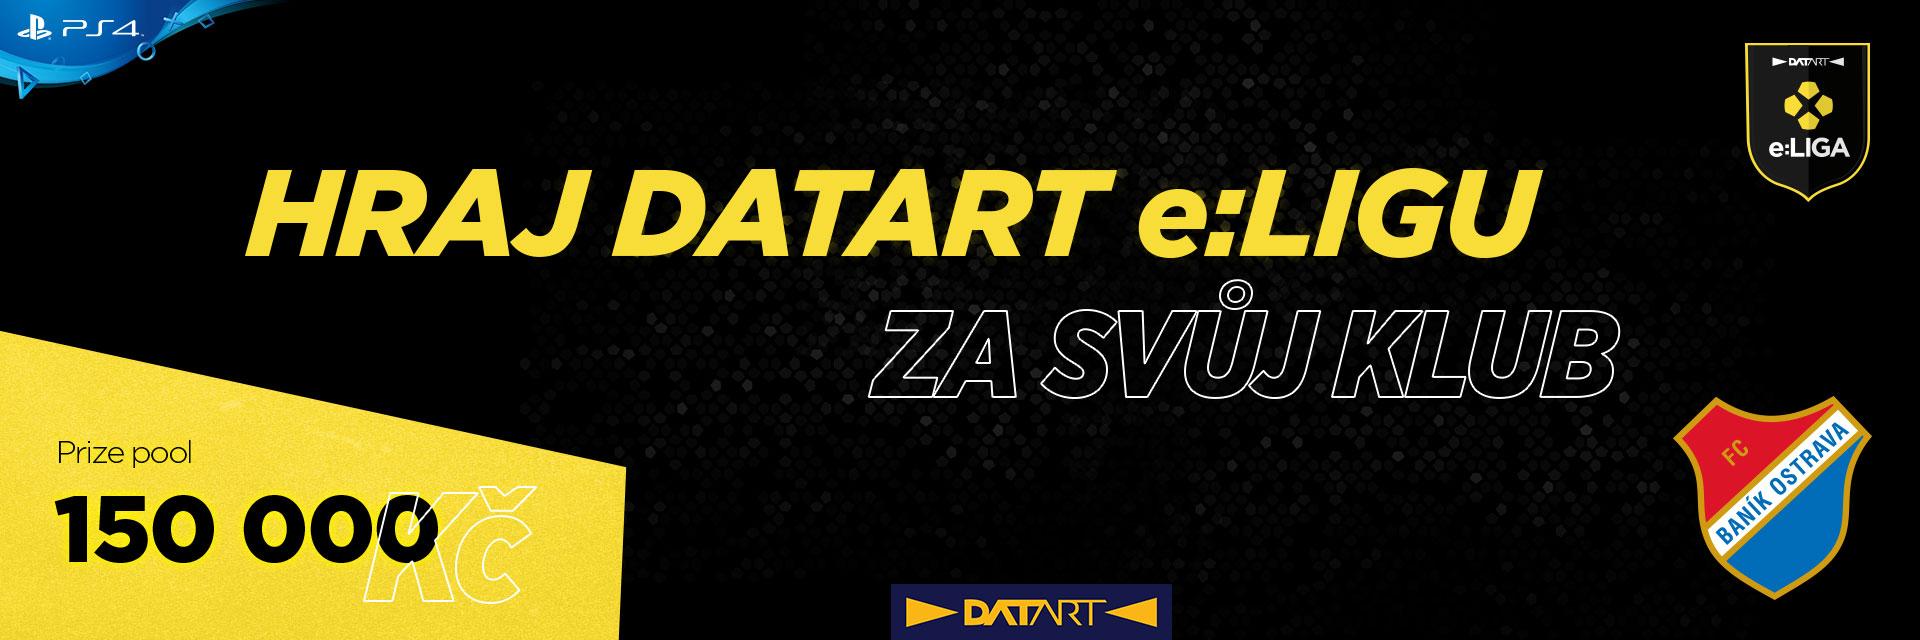 datart-e-liga-semifinale-fc-banik-ostrava